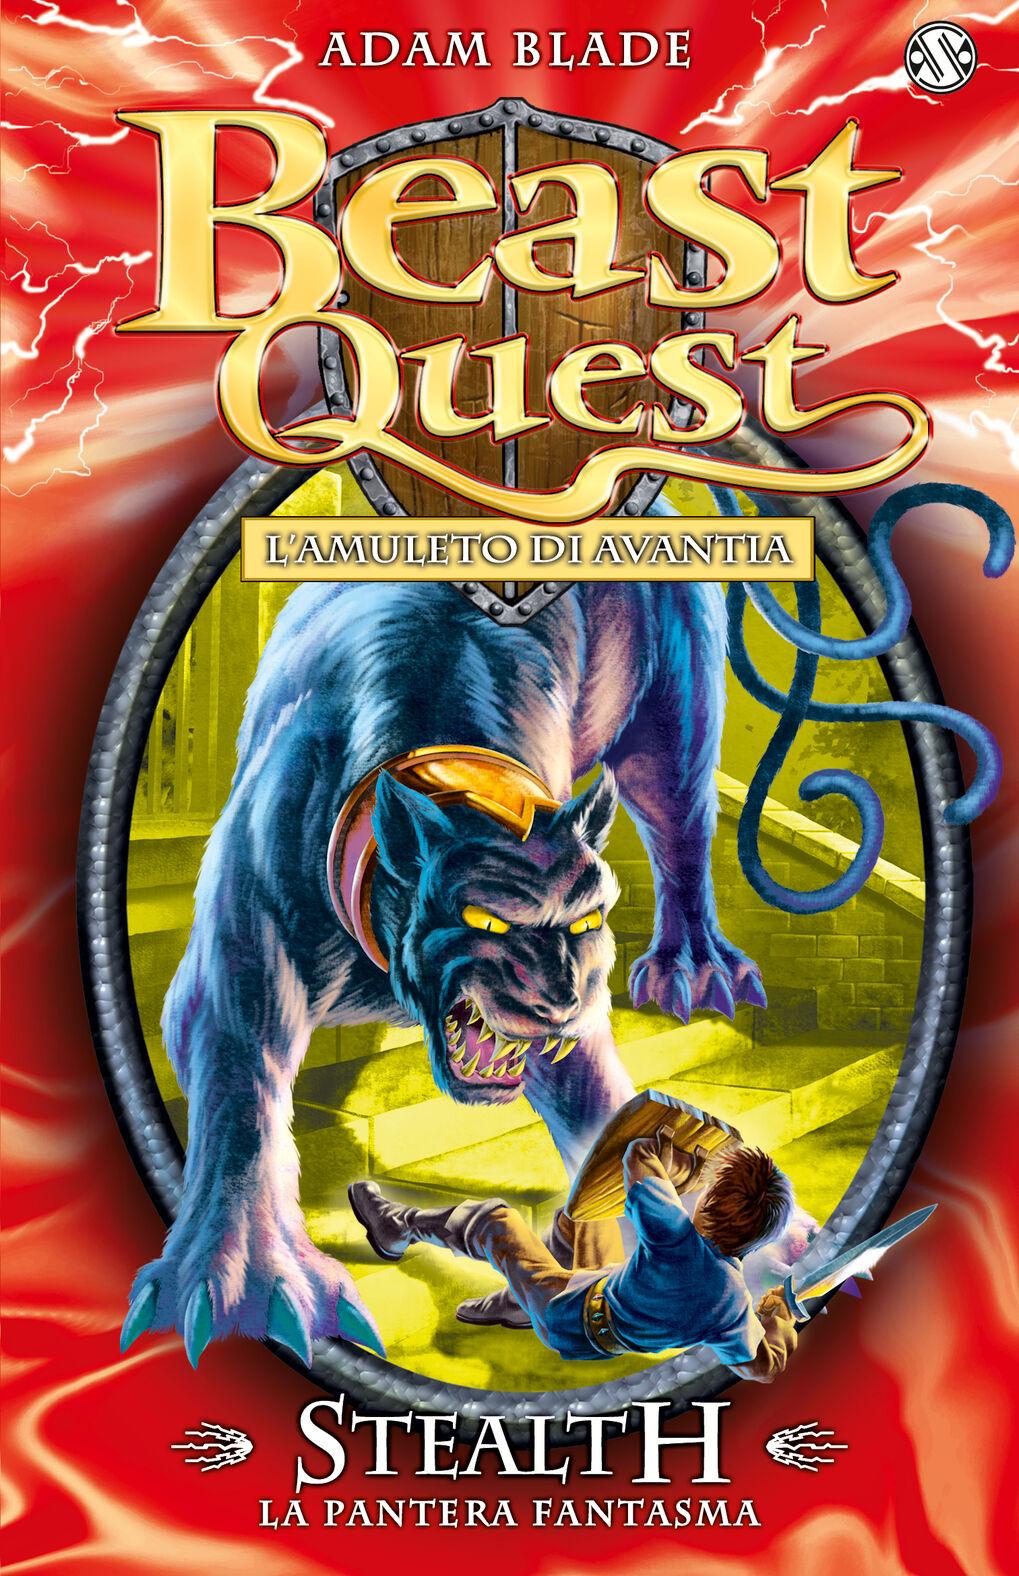 Stealth. La pantera fantasma. Beast Quest. Vol. 24